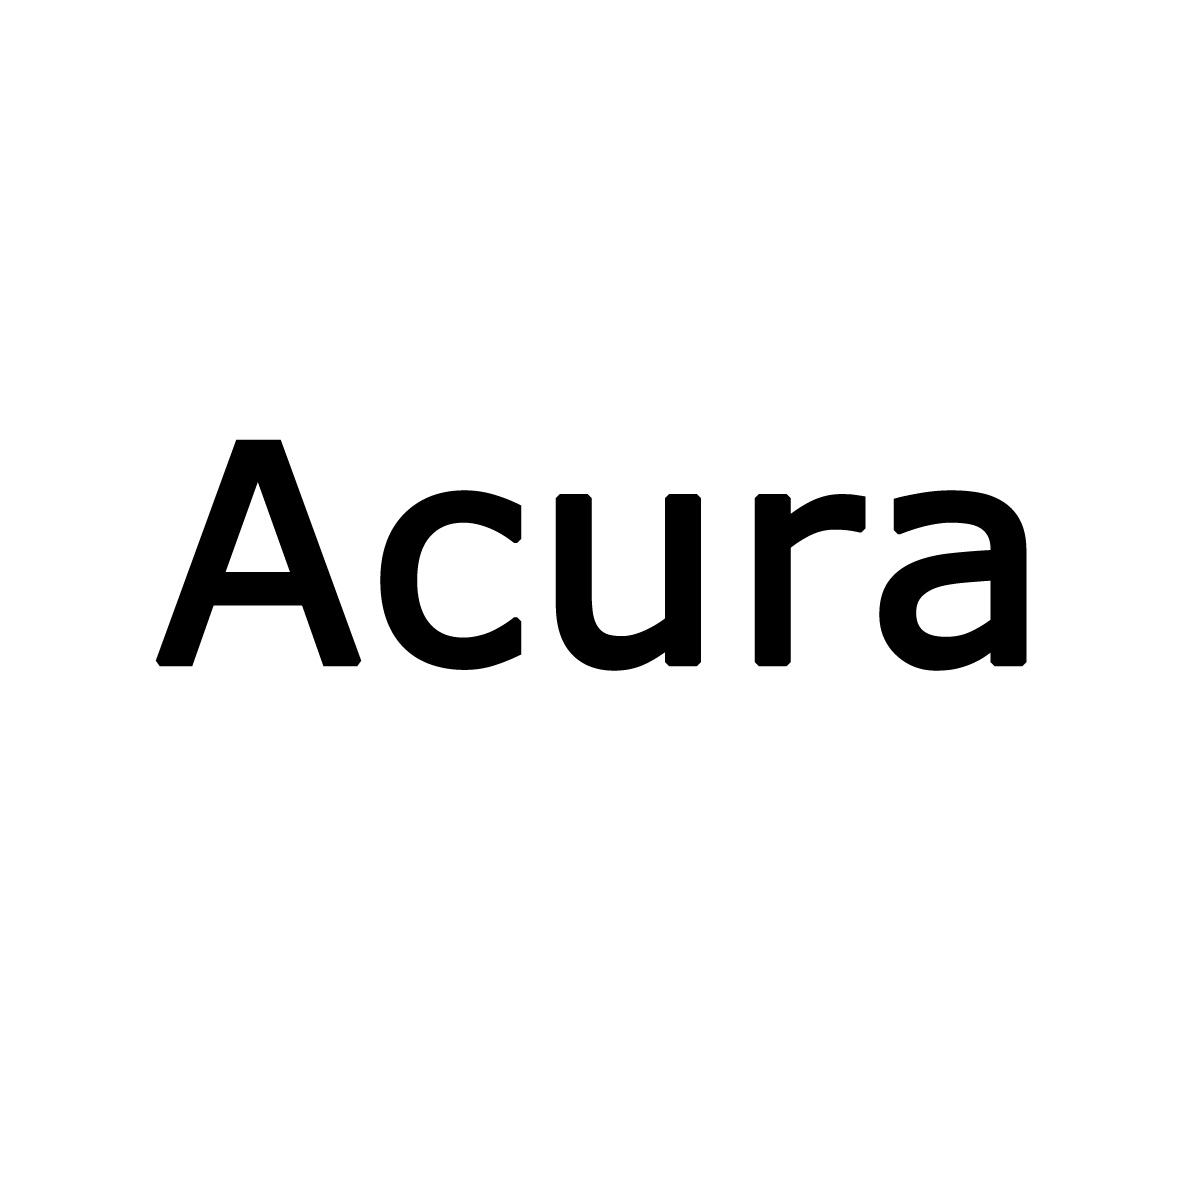 Acura.jpg